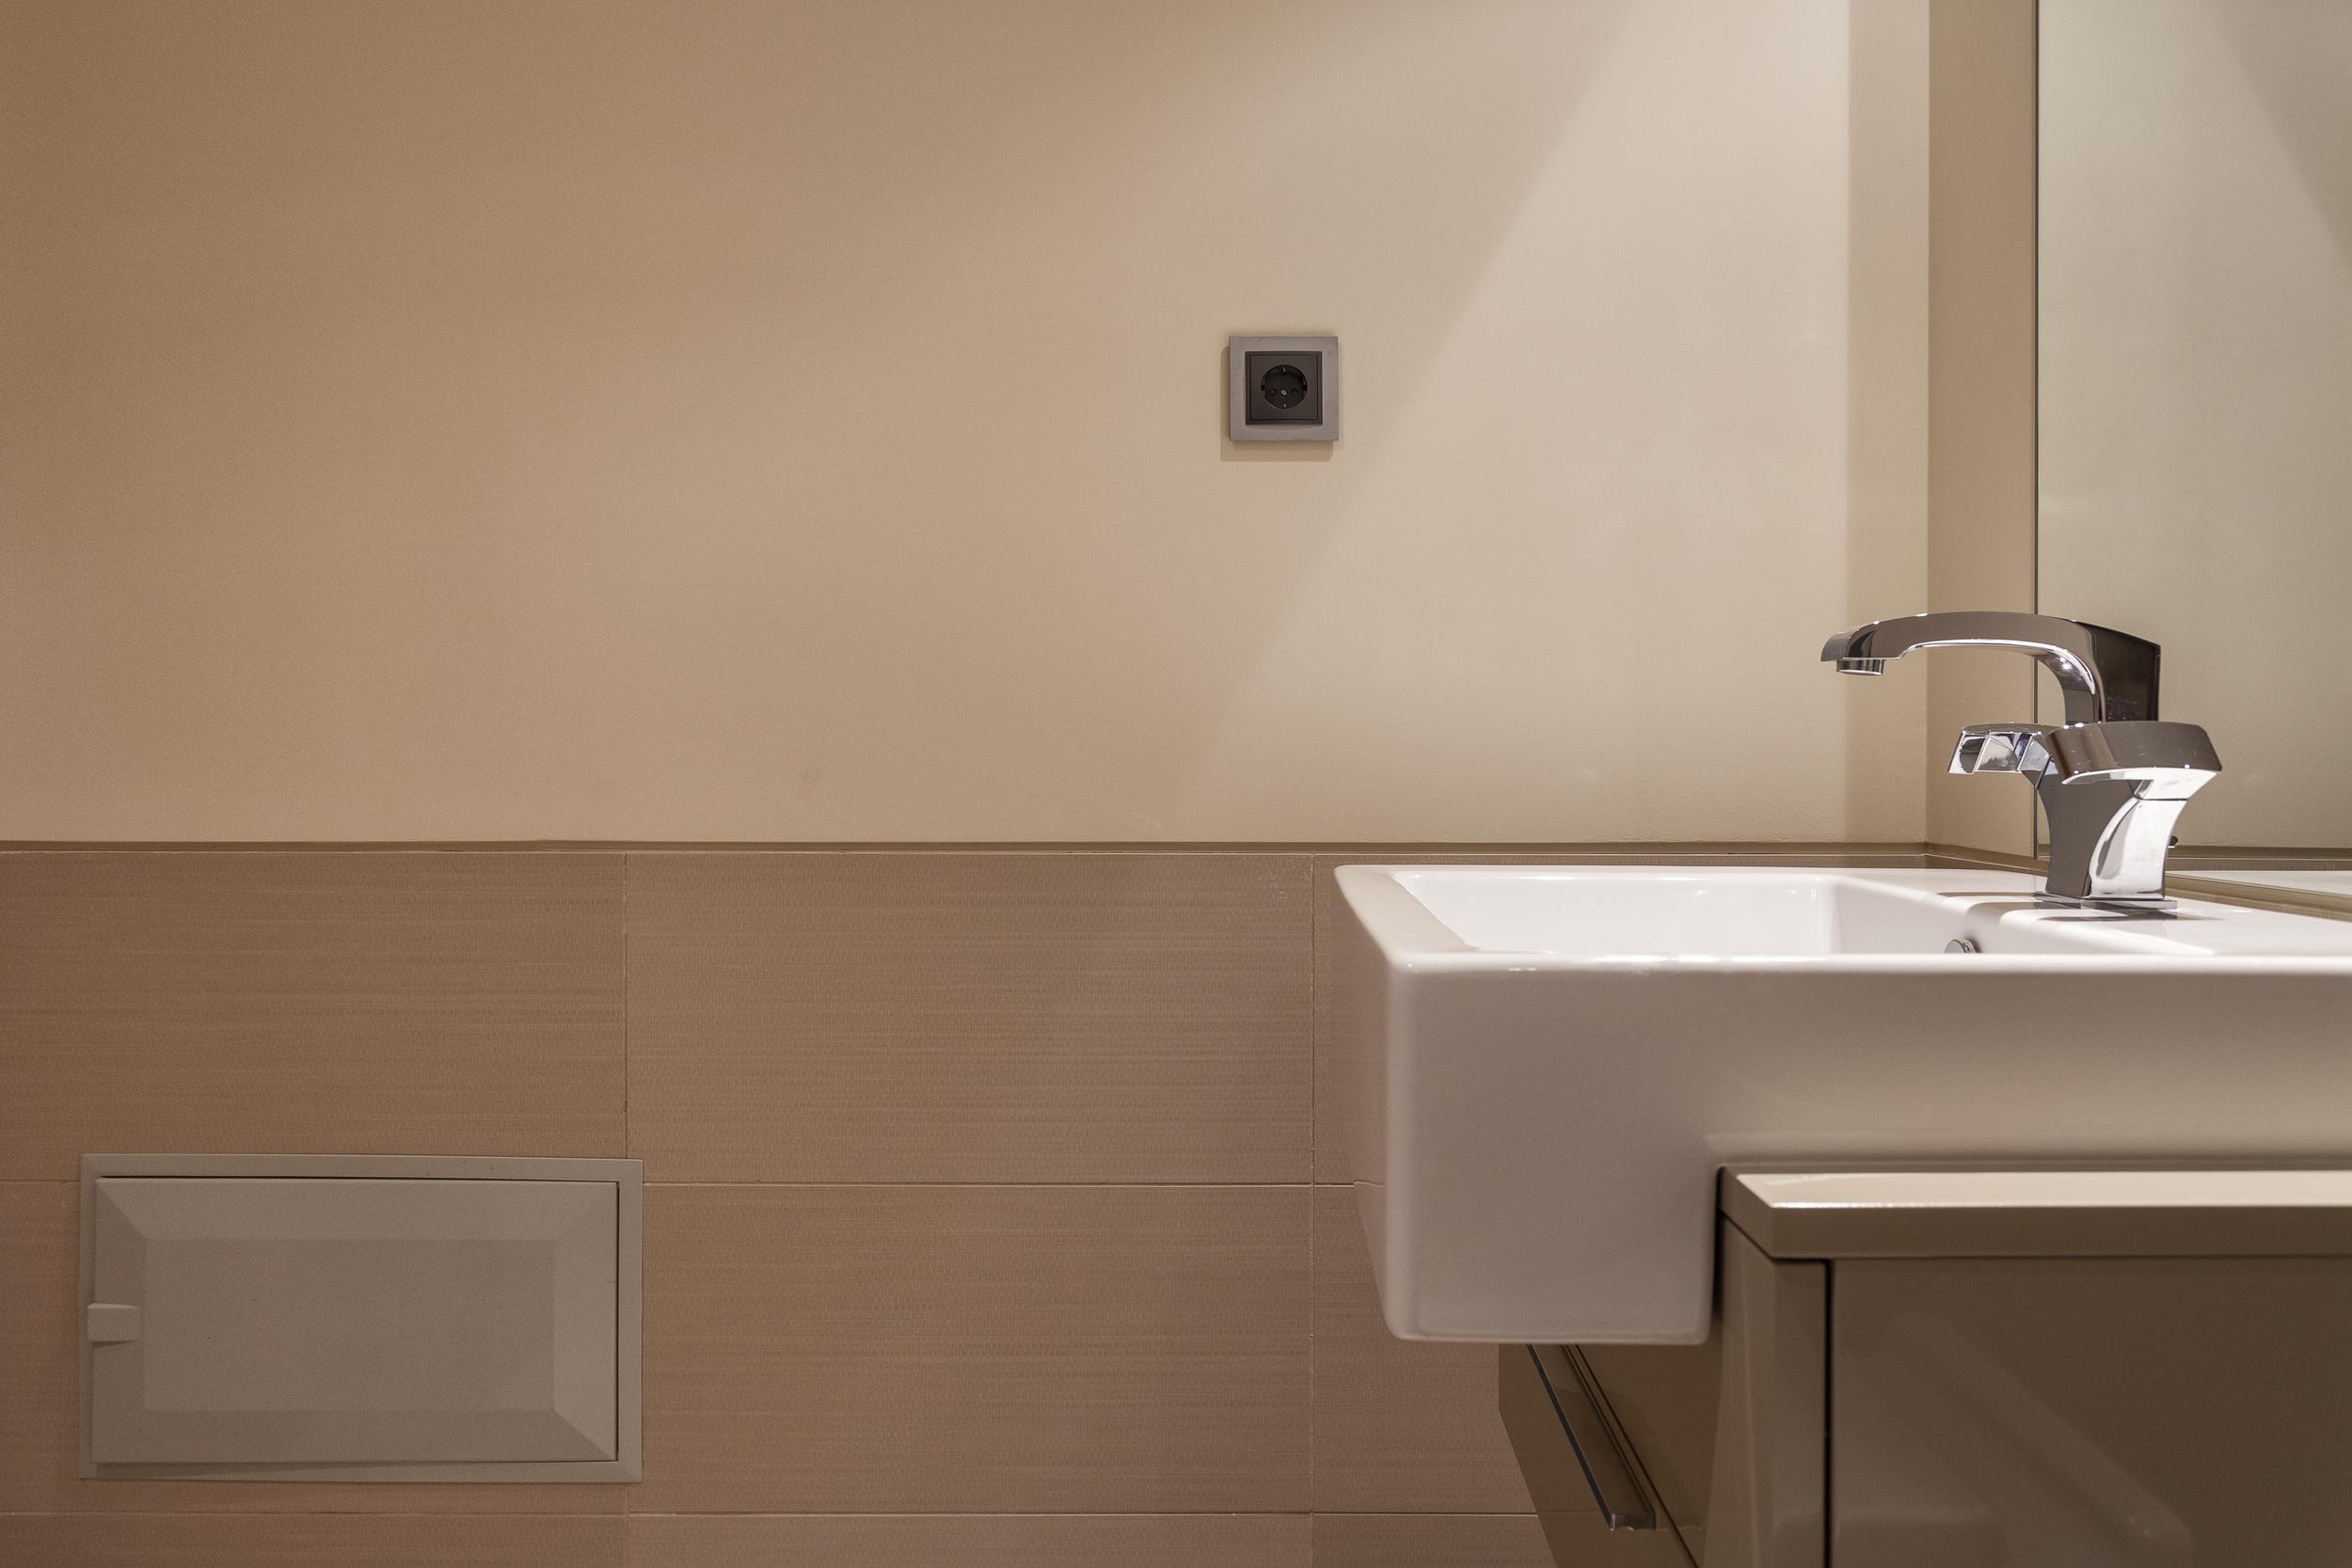 4 bedroom villa to rent in Quinta do Lago, RLV, Villa Serpentine,25.jpg